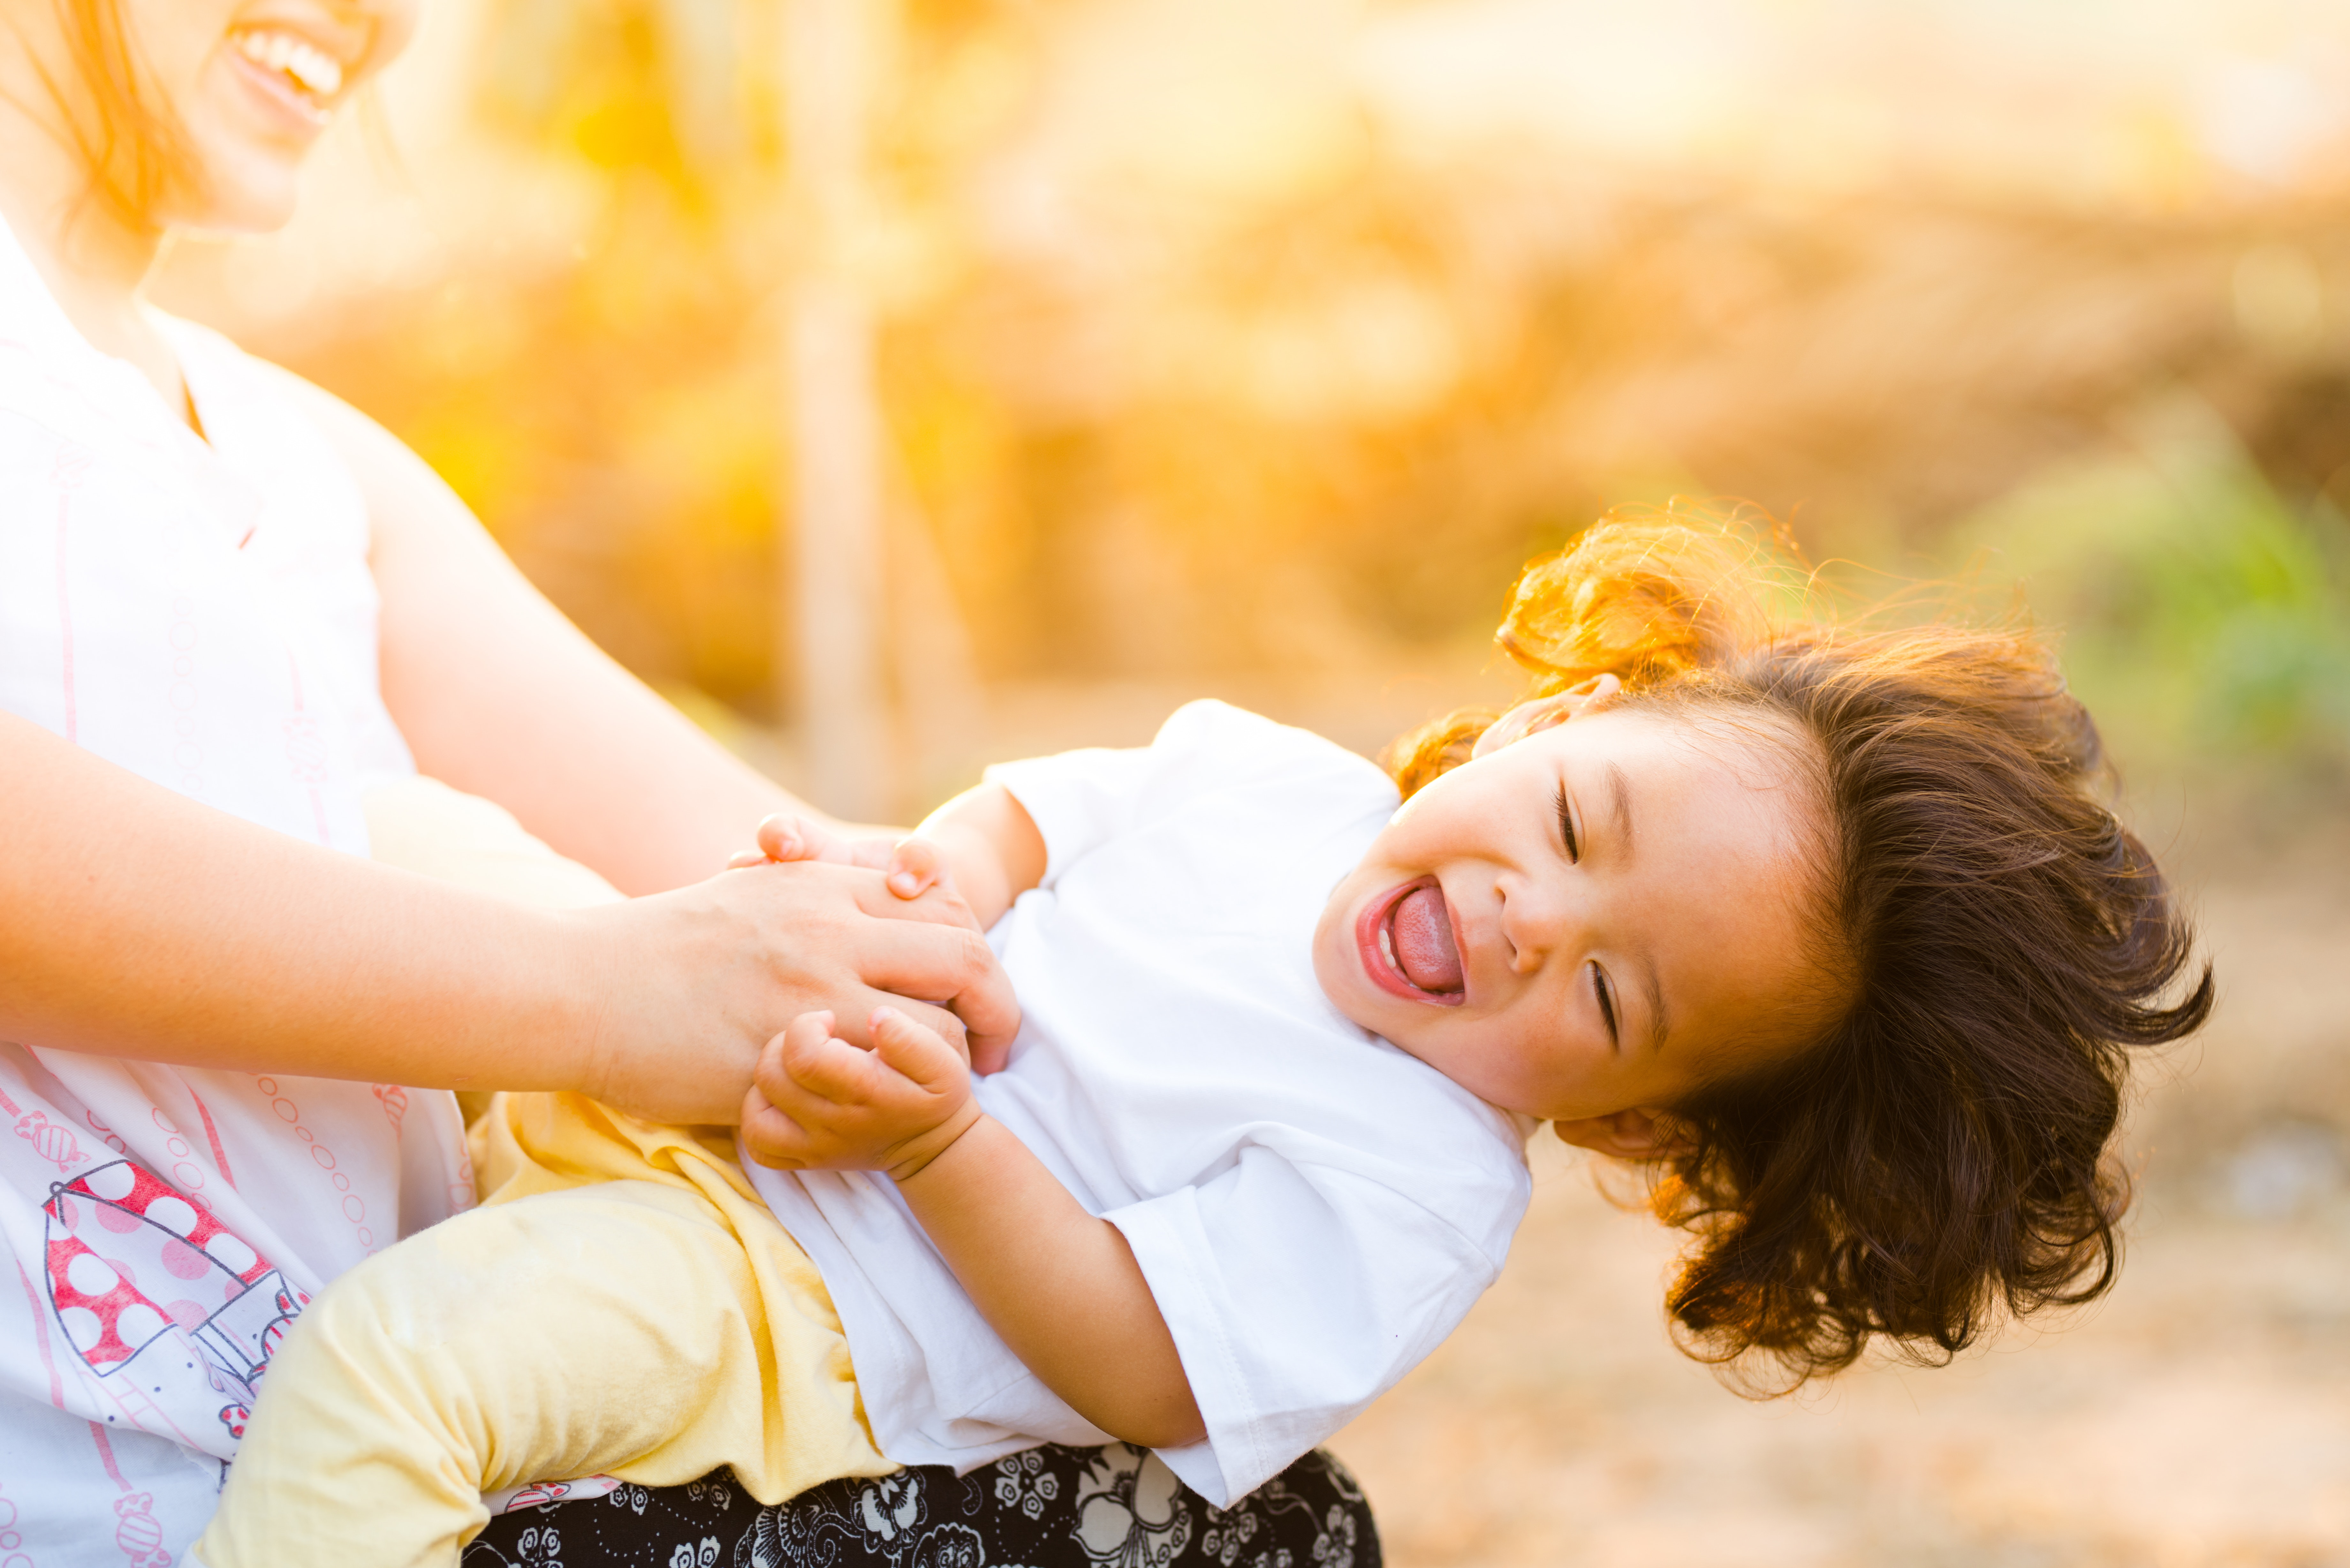 Nebenjob für Schüler: Babysitter